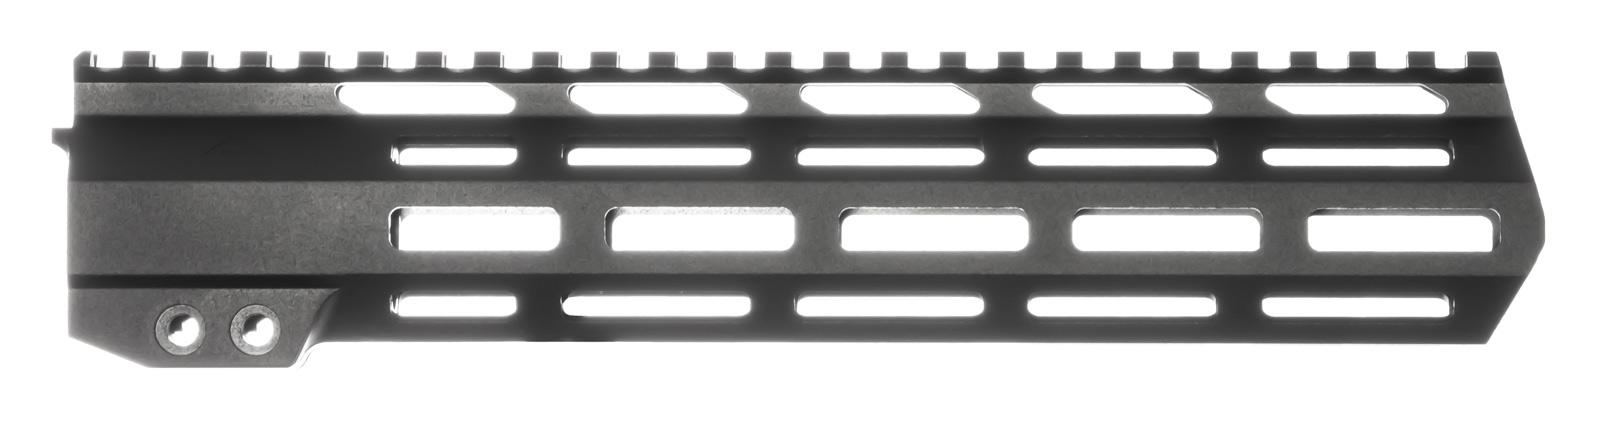 ar-15-rail-10-mtmm02-m-lok-ar-15-handguard-rail